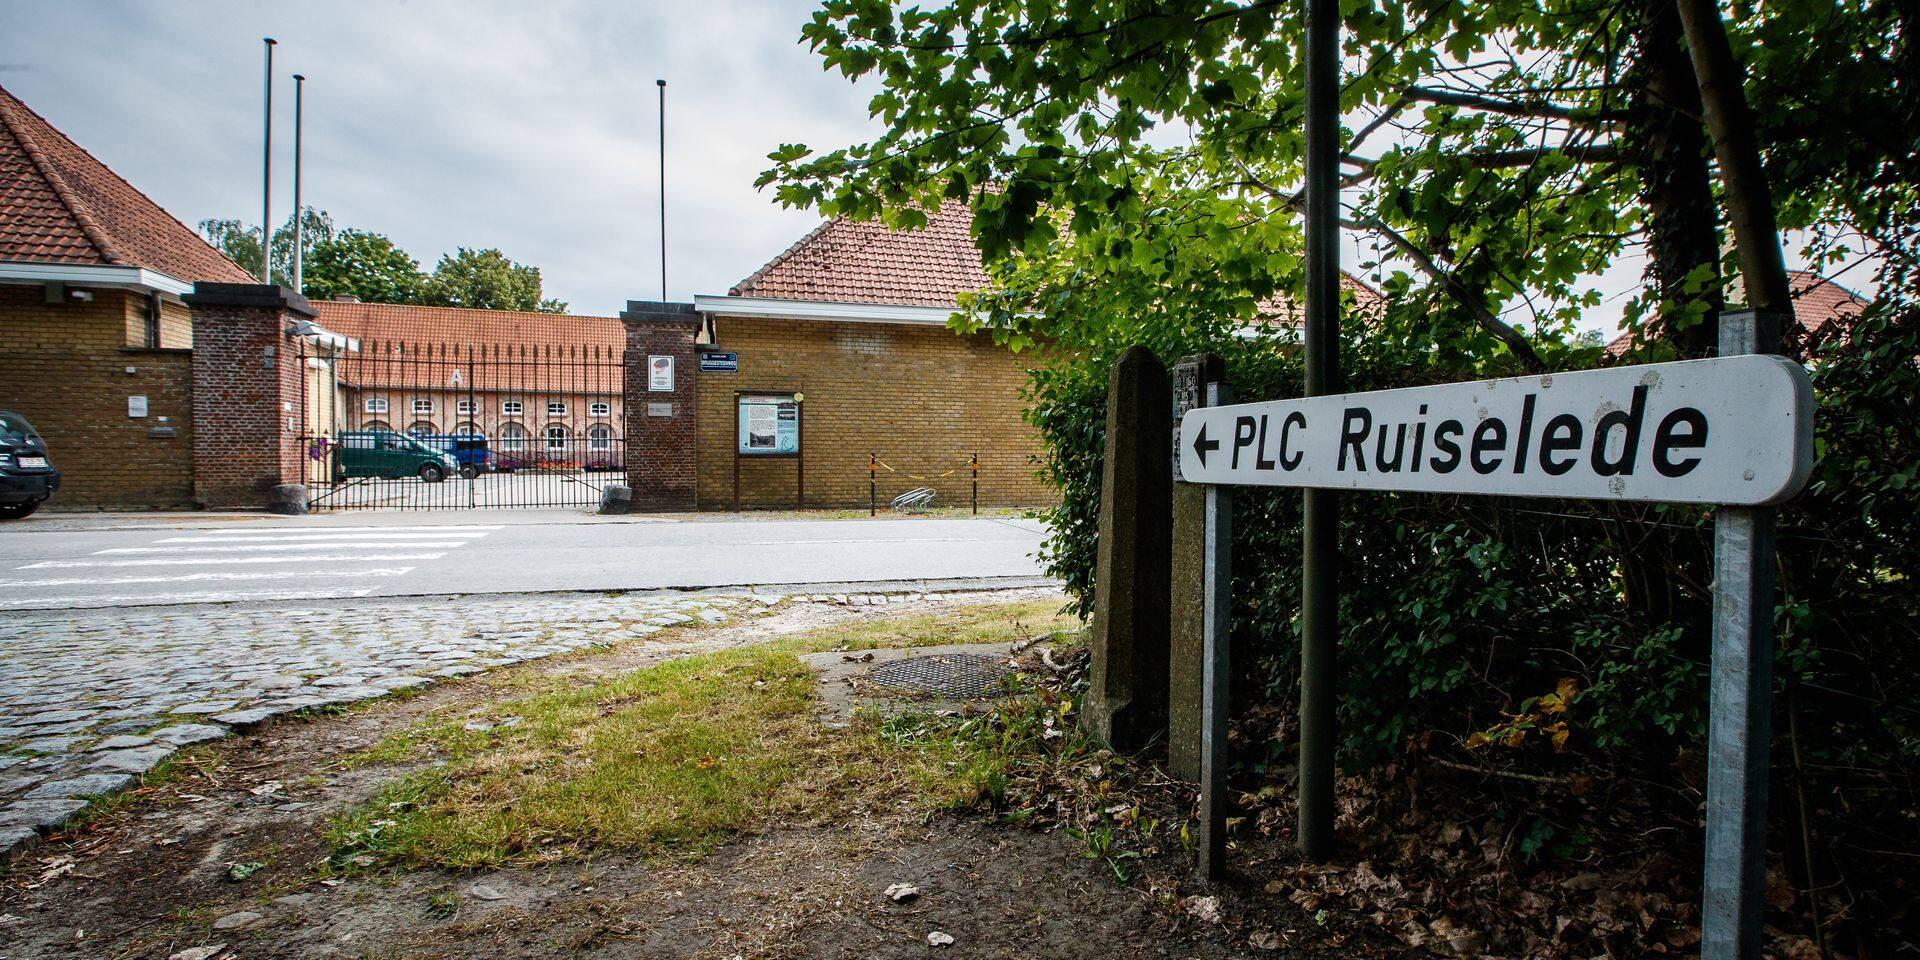 Un détenu de la prison de Ruiselede s'est échappé!